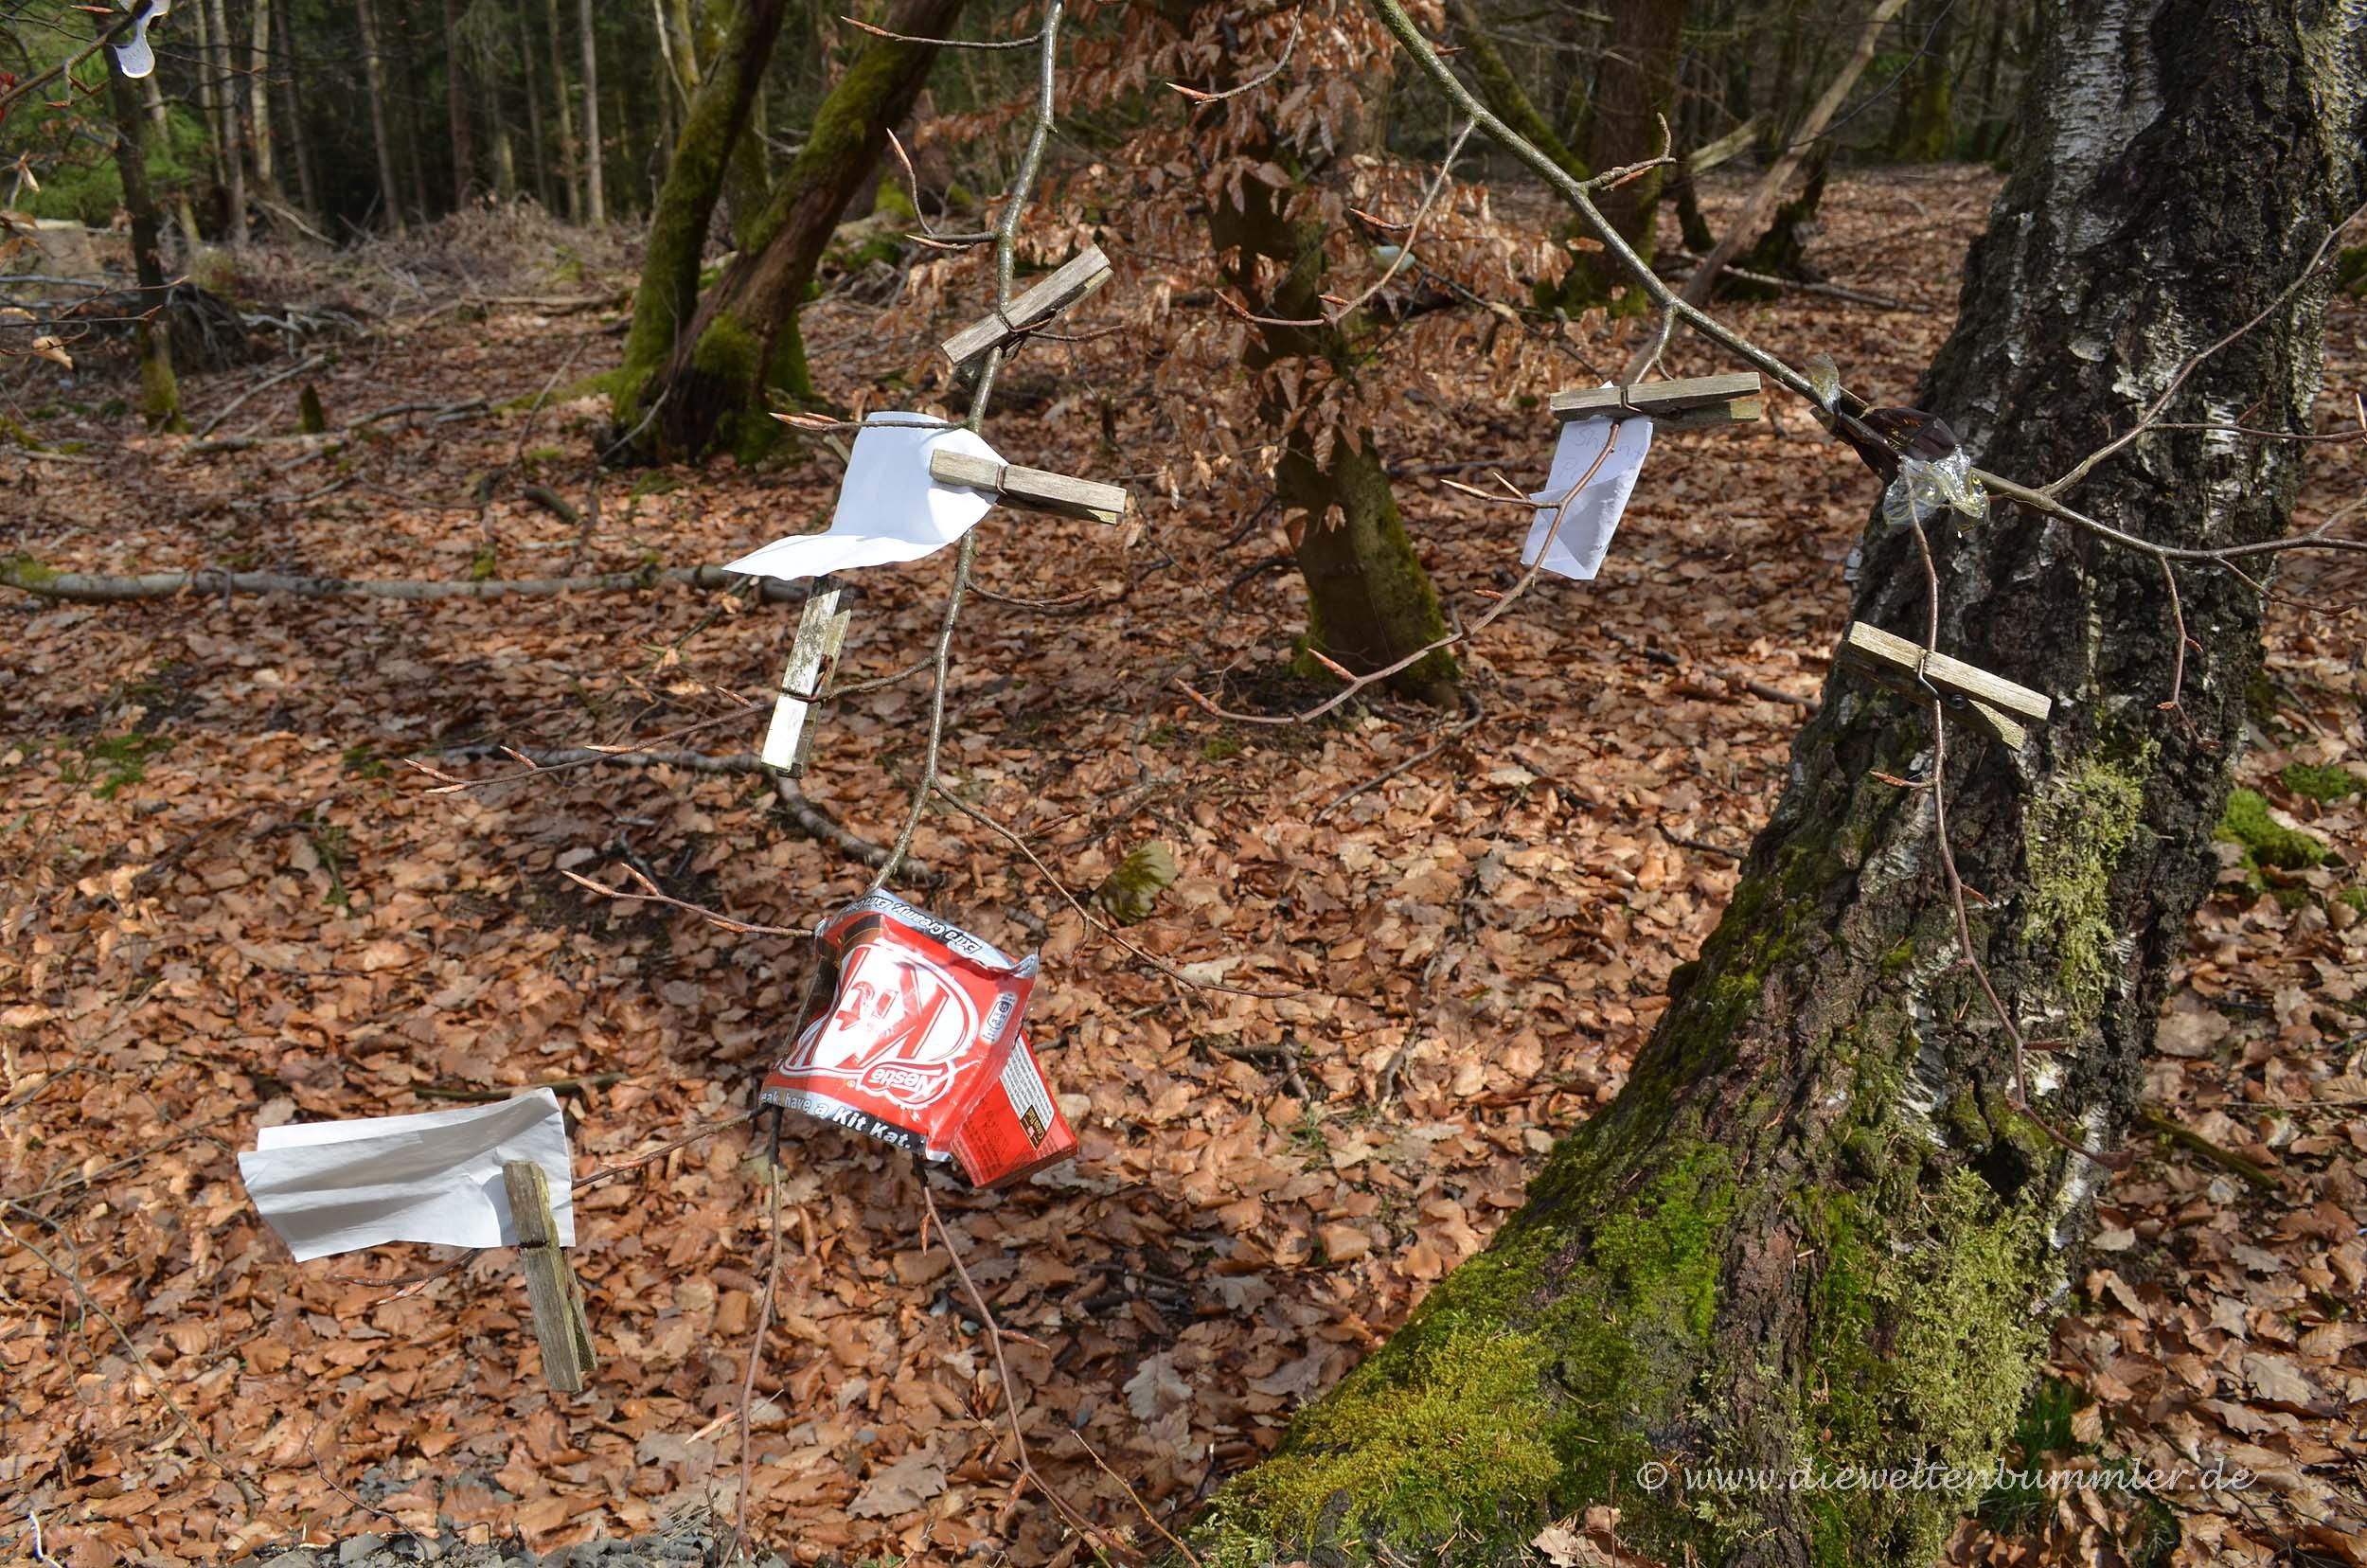 Müll im Wald platziert